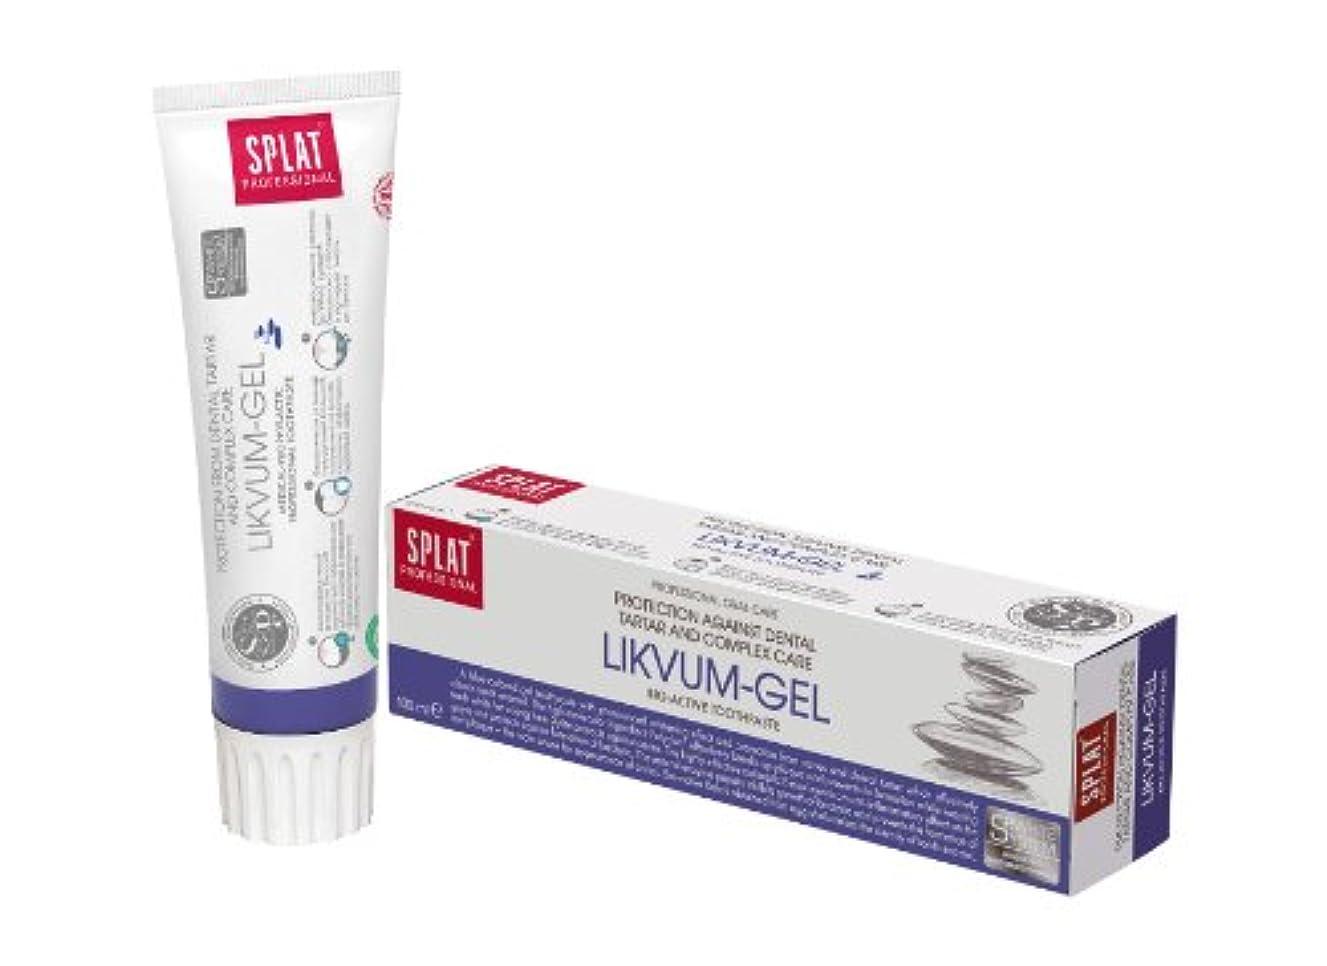 パズルバイオリニスト強度Toothpaste Splat Professional 100ml (Likvum-gel)